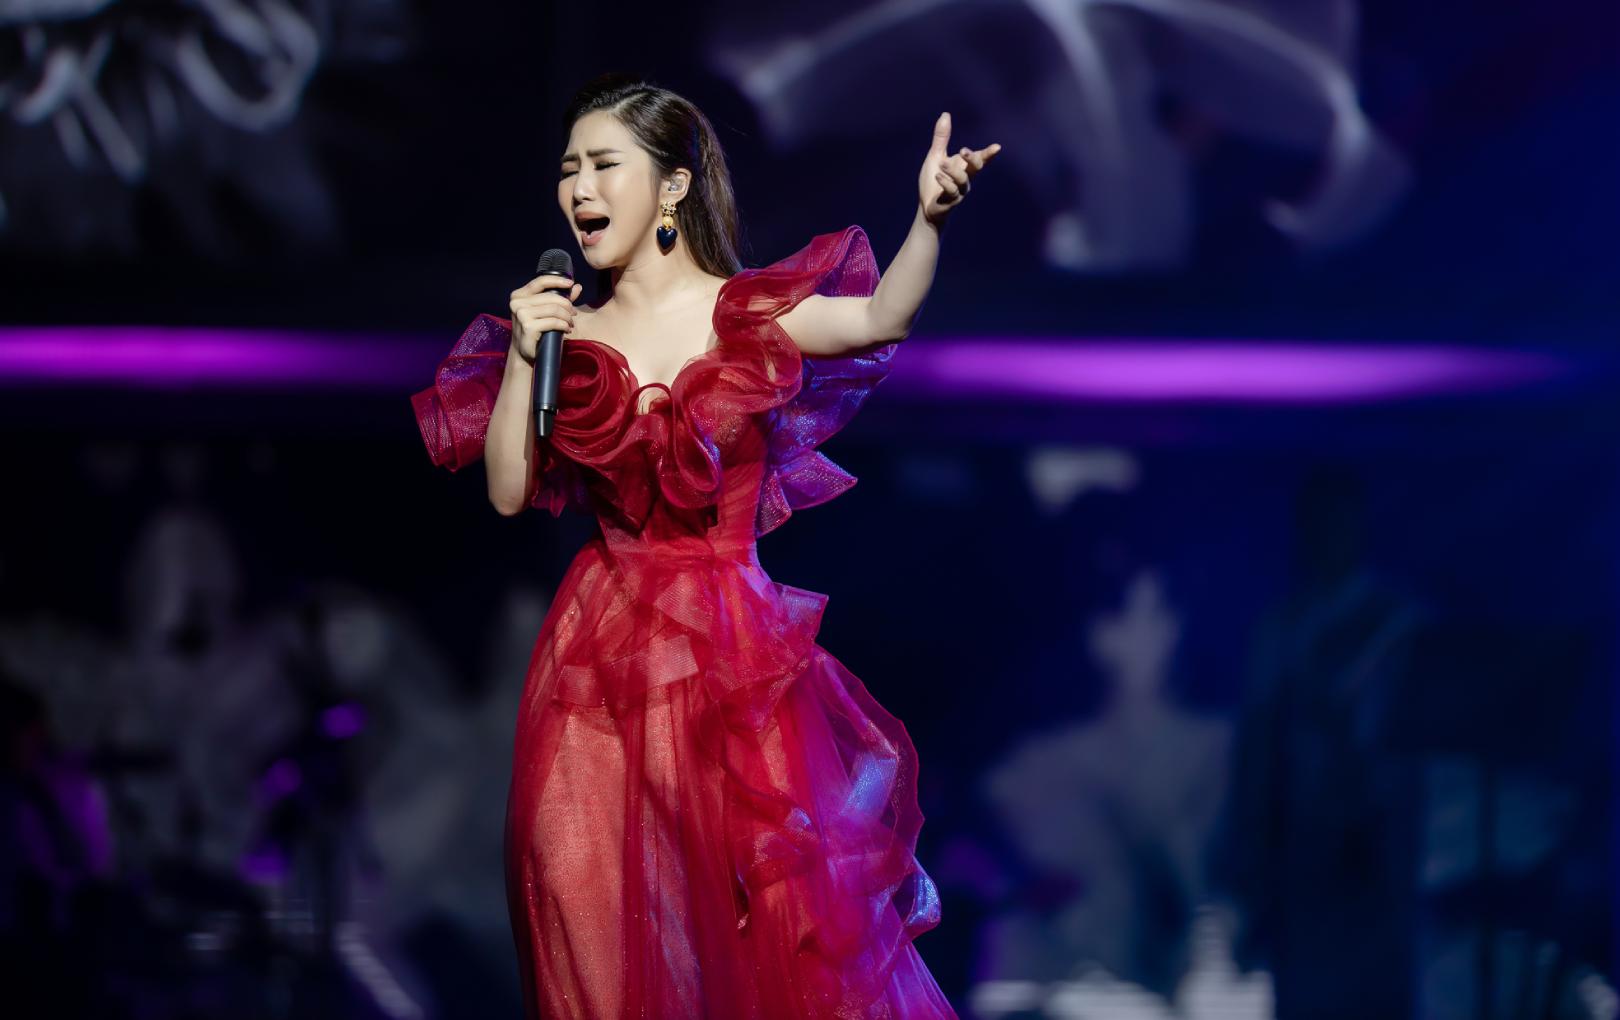 Tạm dừng hát ở Việt Nam, Hương Tràm chính thức đầu quân cho trung tâm ca nhạc lớn ở Mỹ trong 5 năm